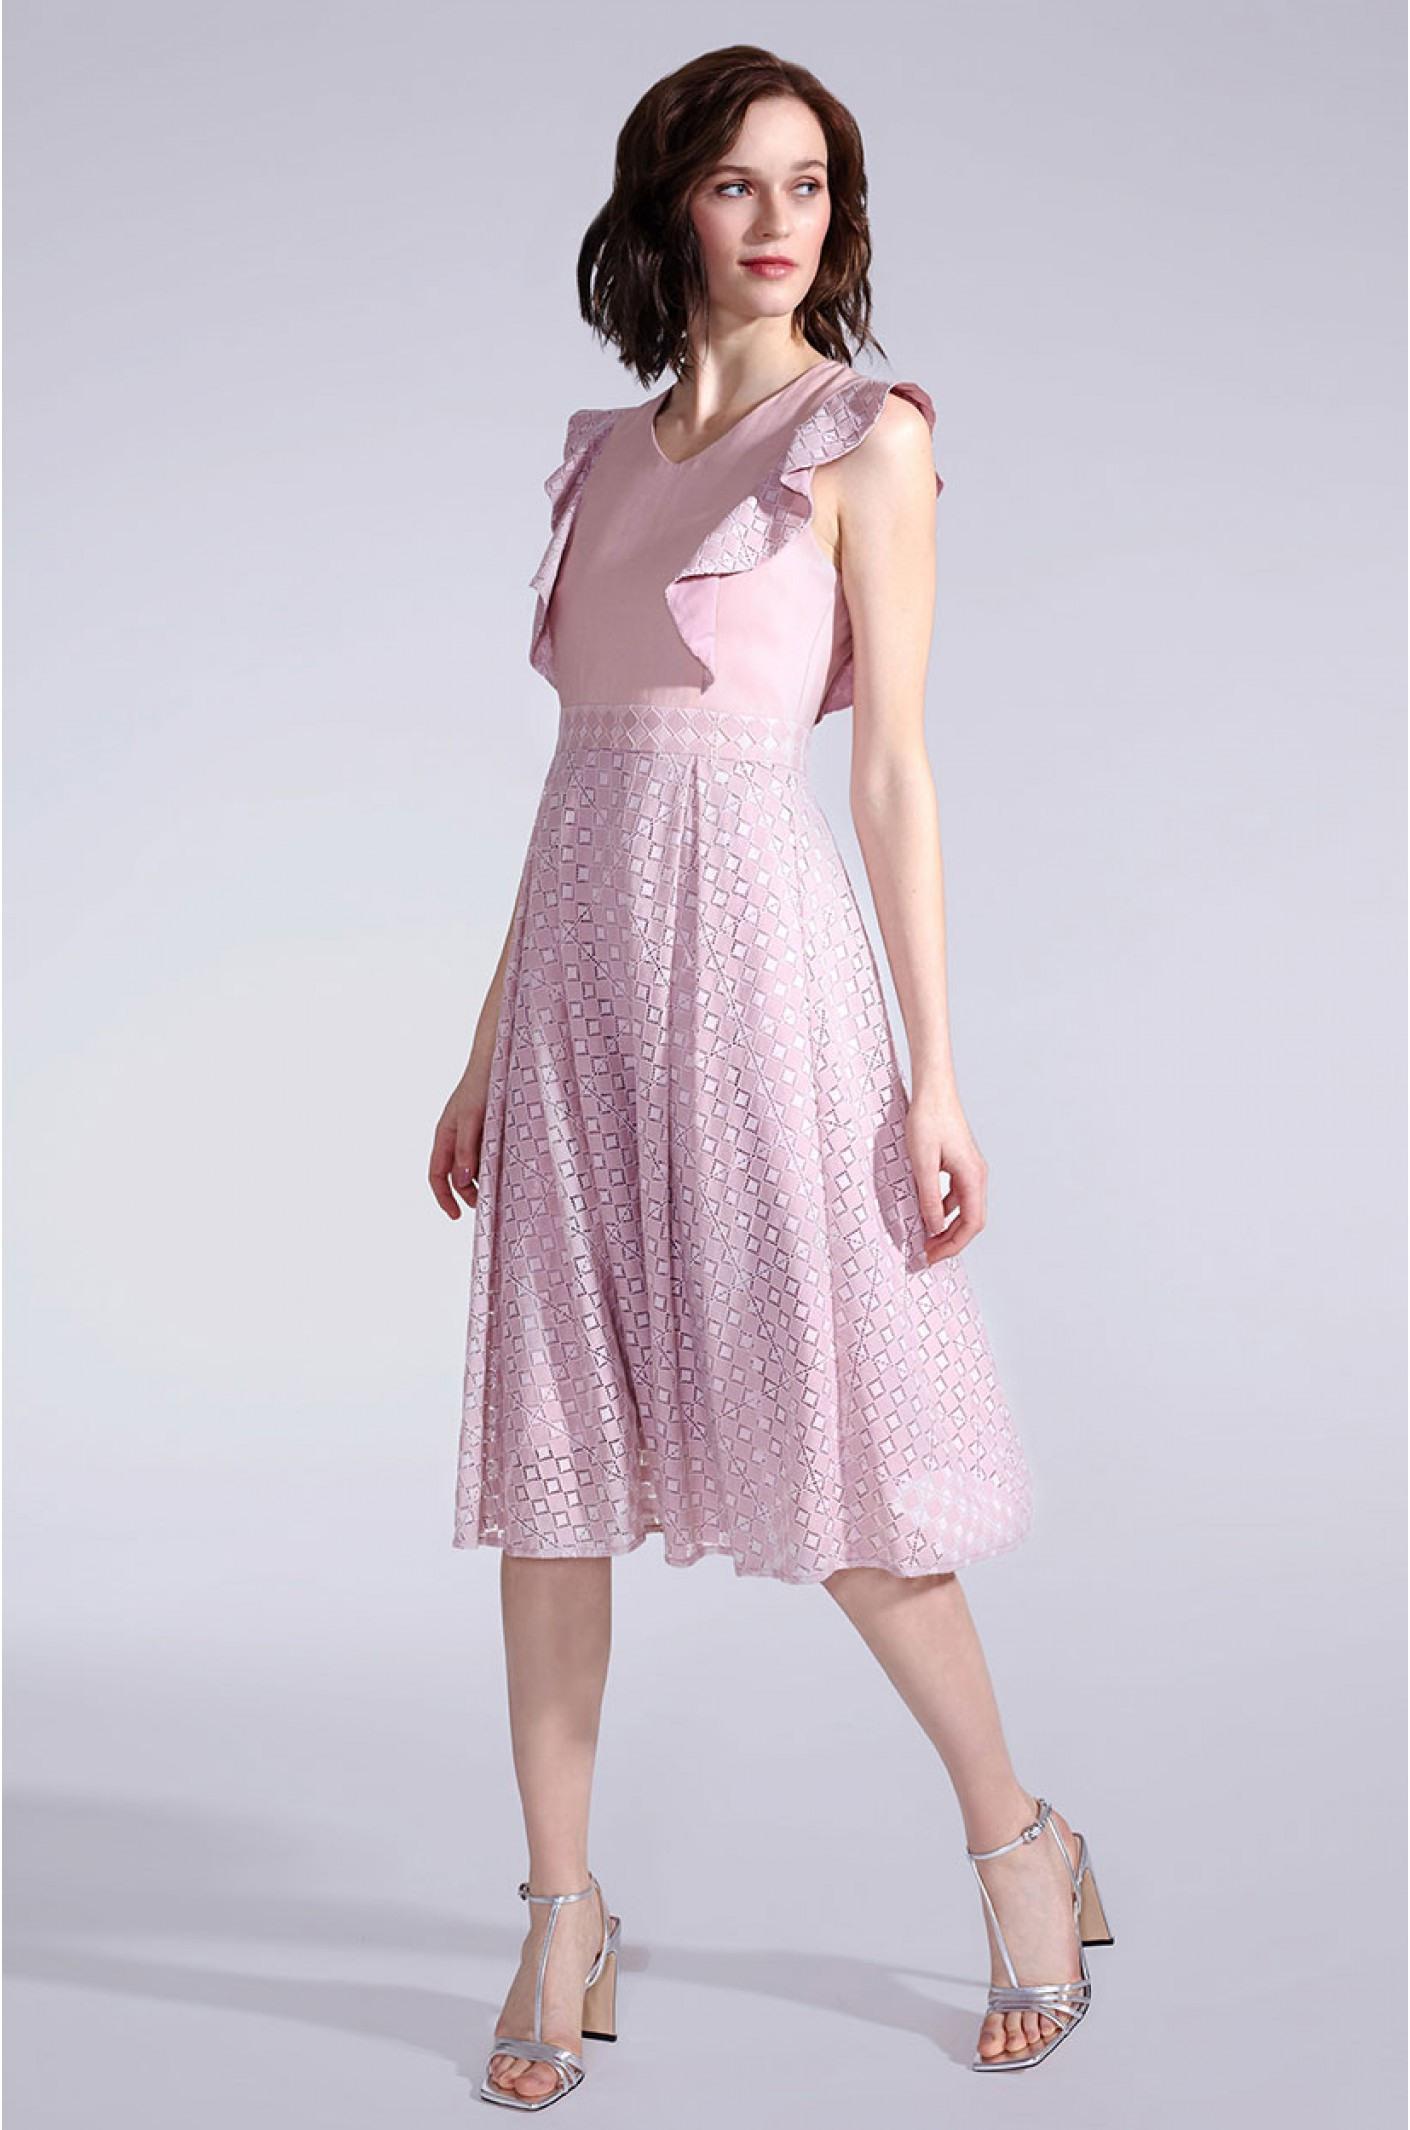 Die 20 Besten Ideen Für Elegantes Sommerkleid Für Hochzeit